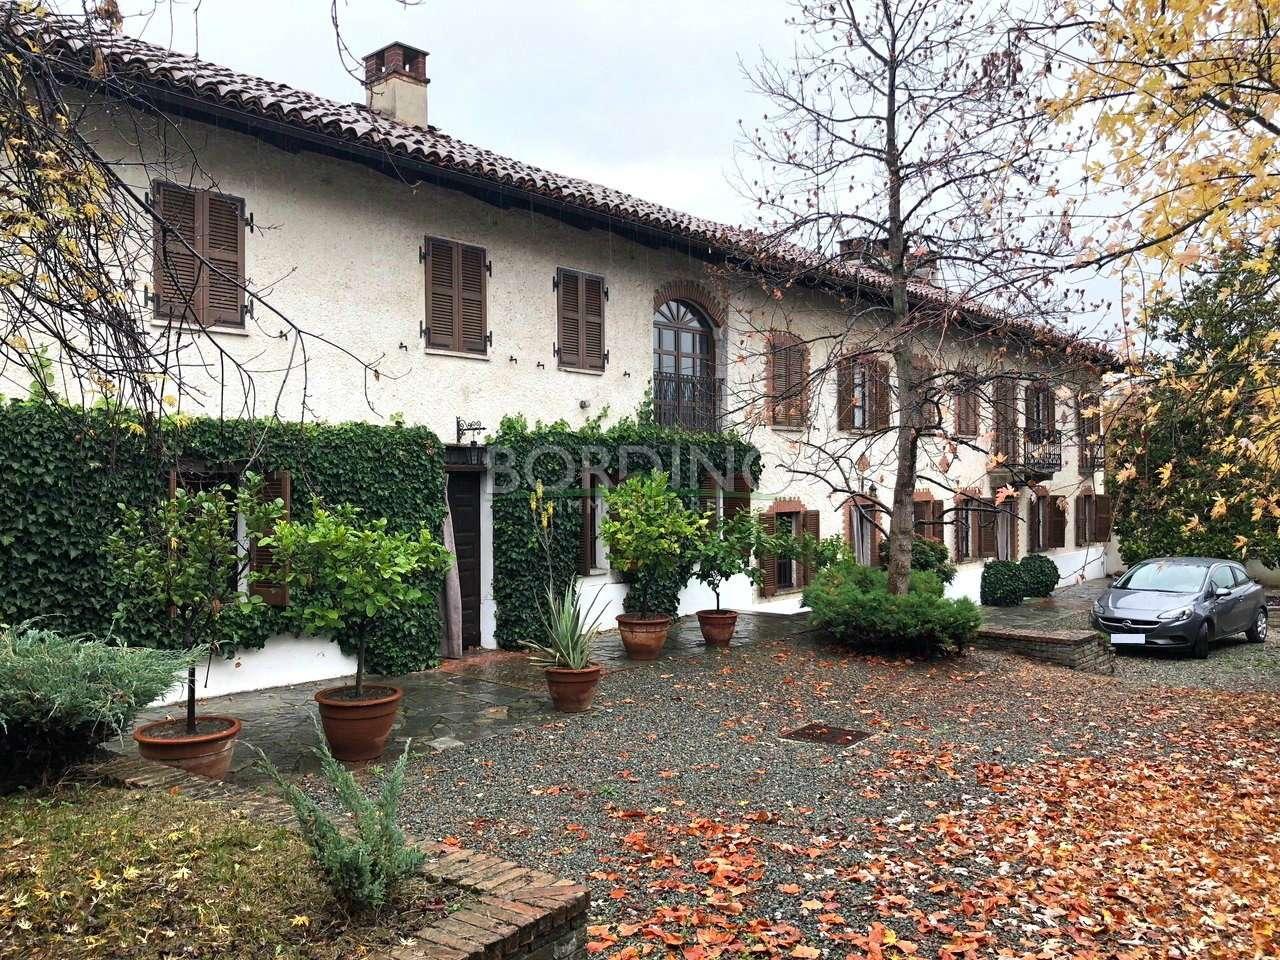 Soluzione Indipendente in vendita a Agliano Terme, 11 locali, prezzo € 280.000 | CambioCasa.it